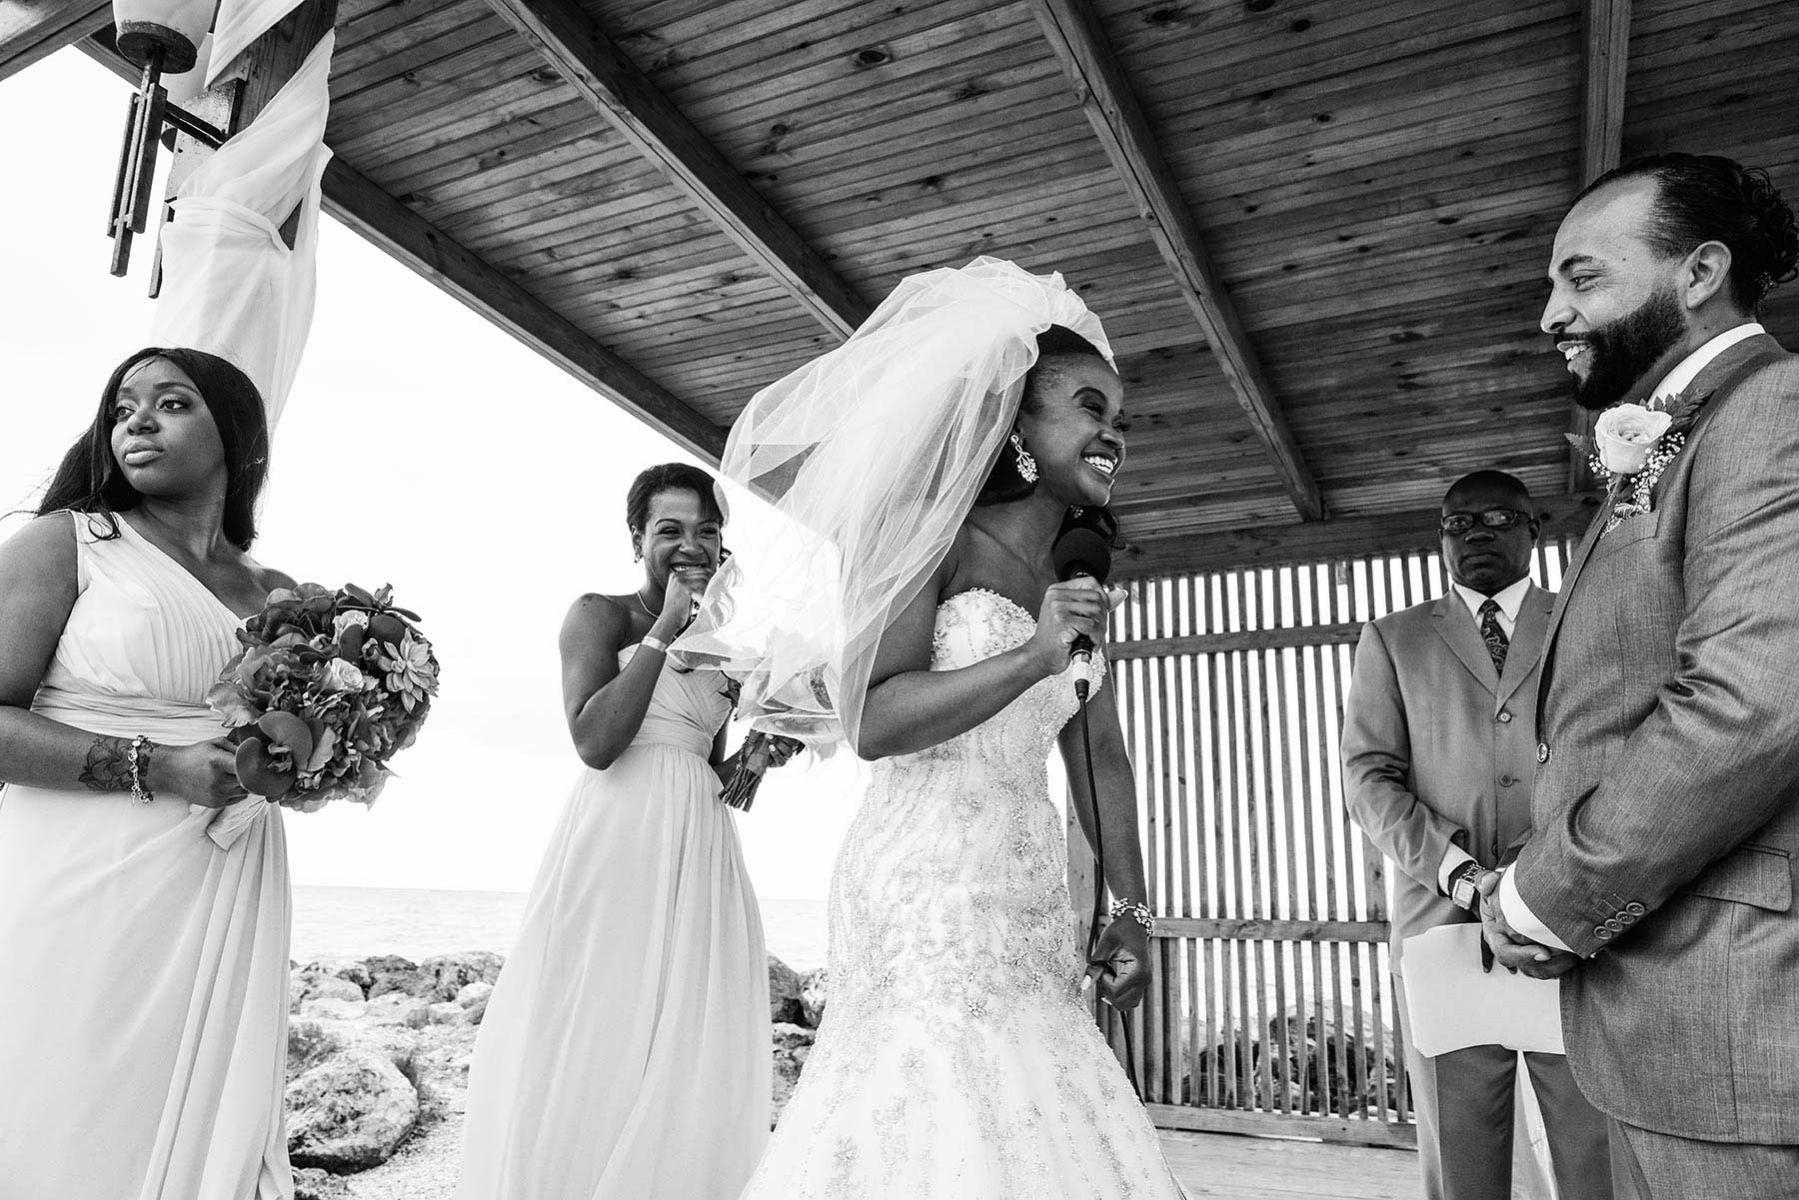 Wedding ceremony, happy moment between bride and groom